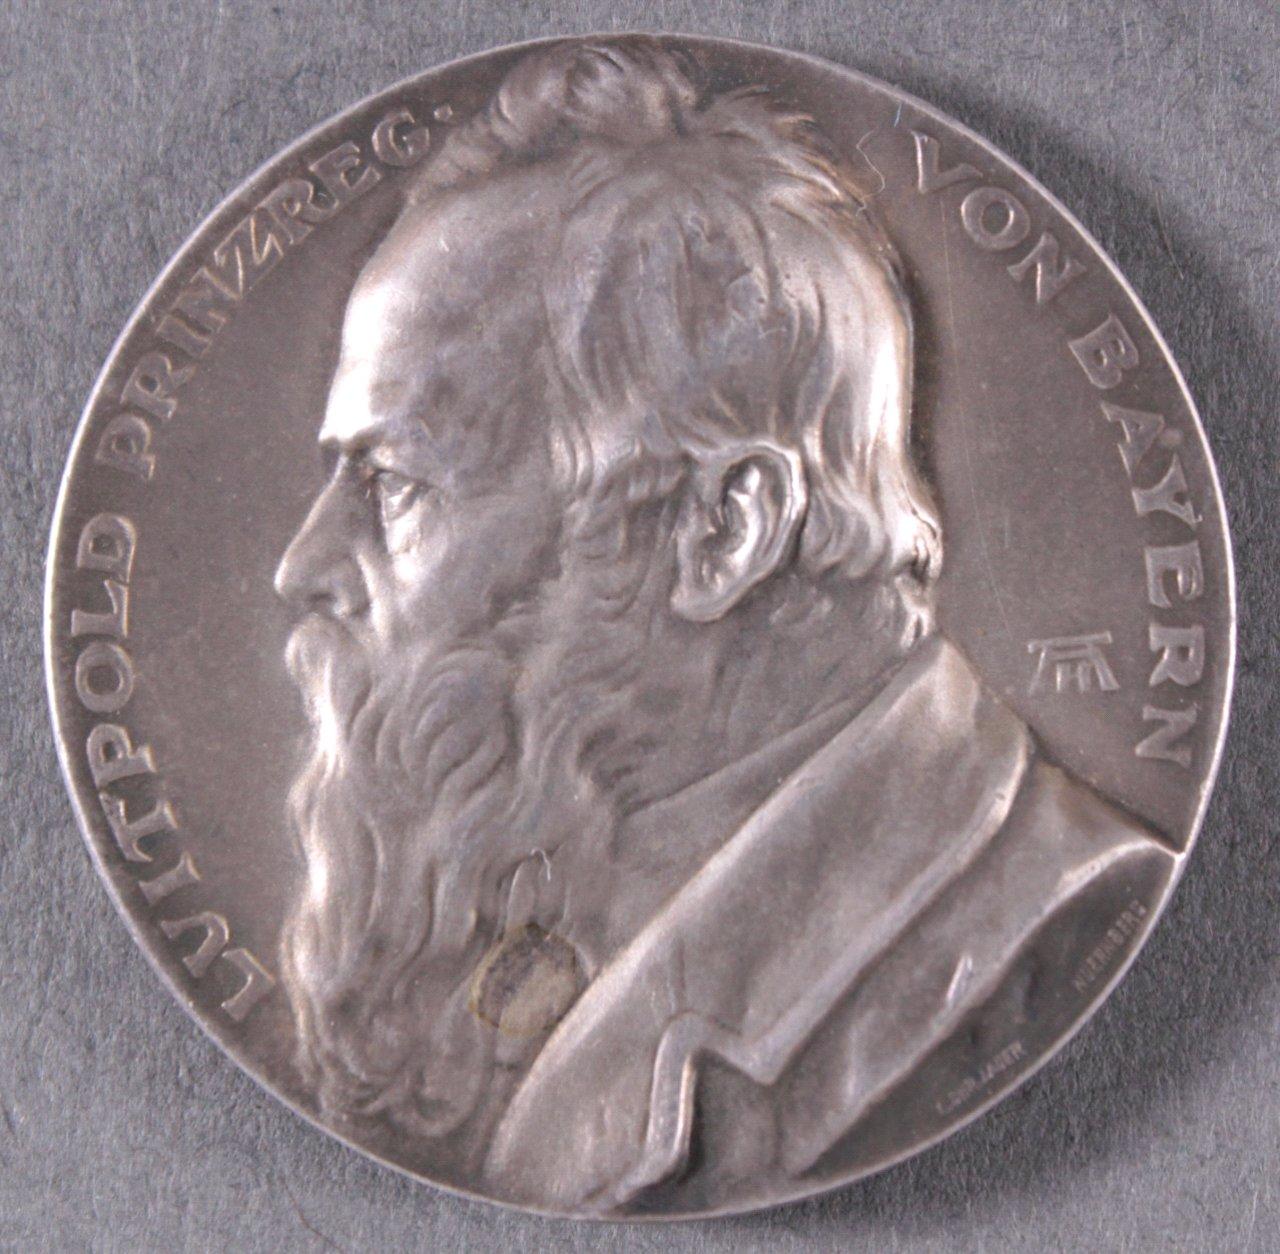 Silbermedaille, Prinzregent Luitpold von Bayern, 1912